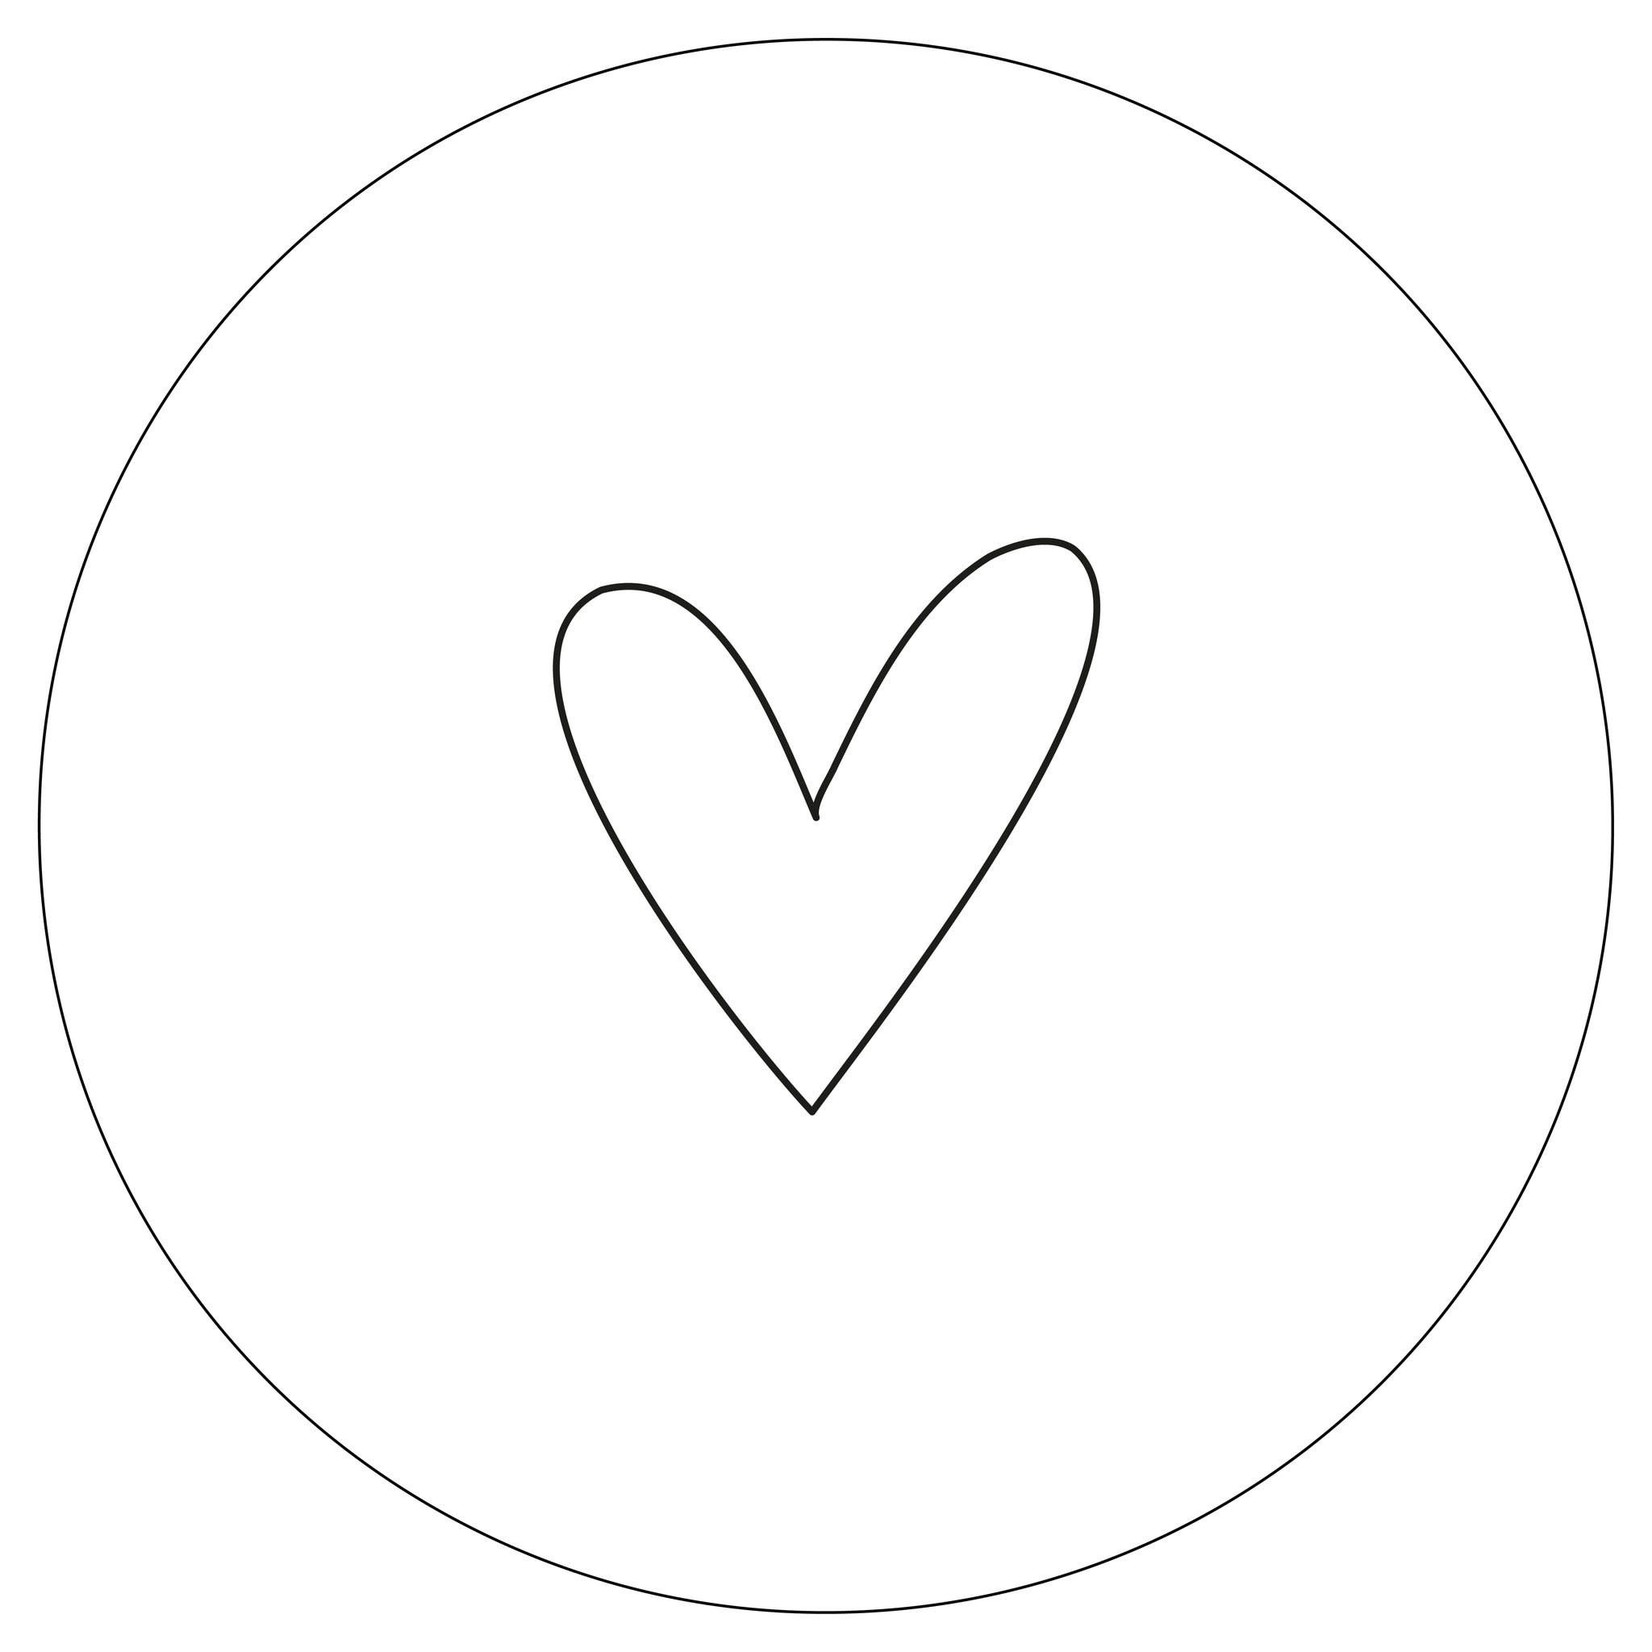 Zoedt Muurcirkel wit met zwart hartje 20x20cm